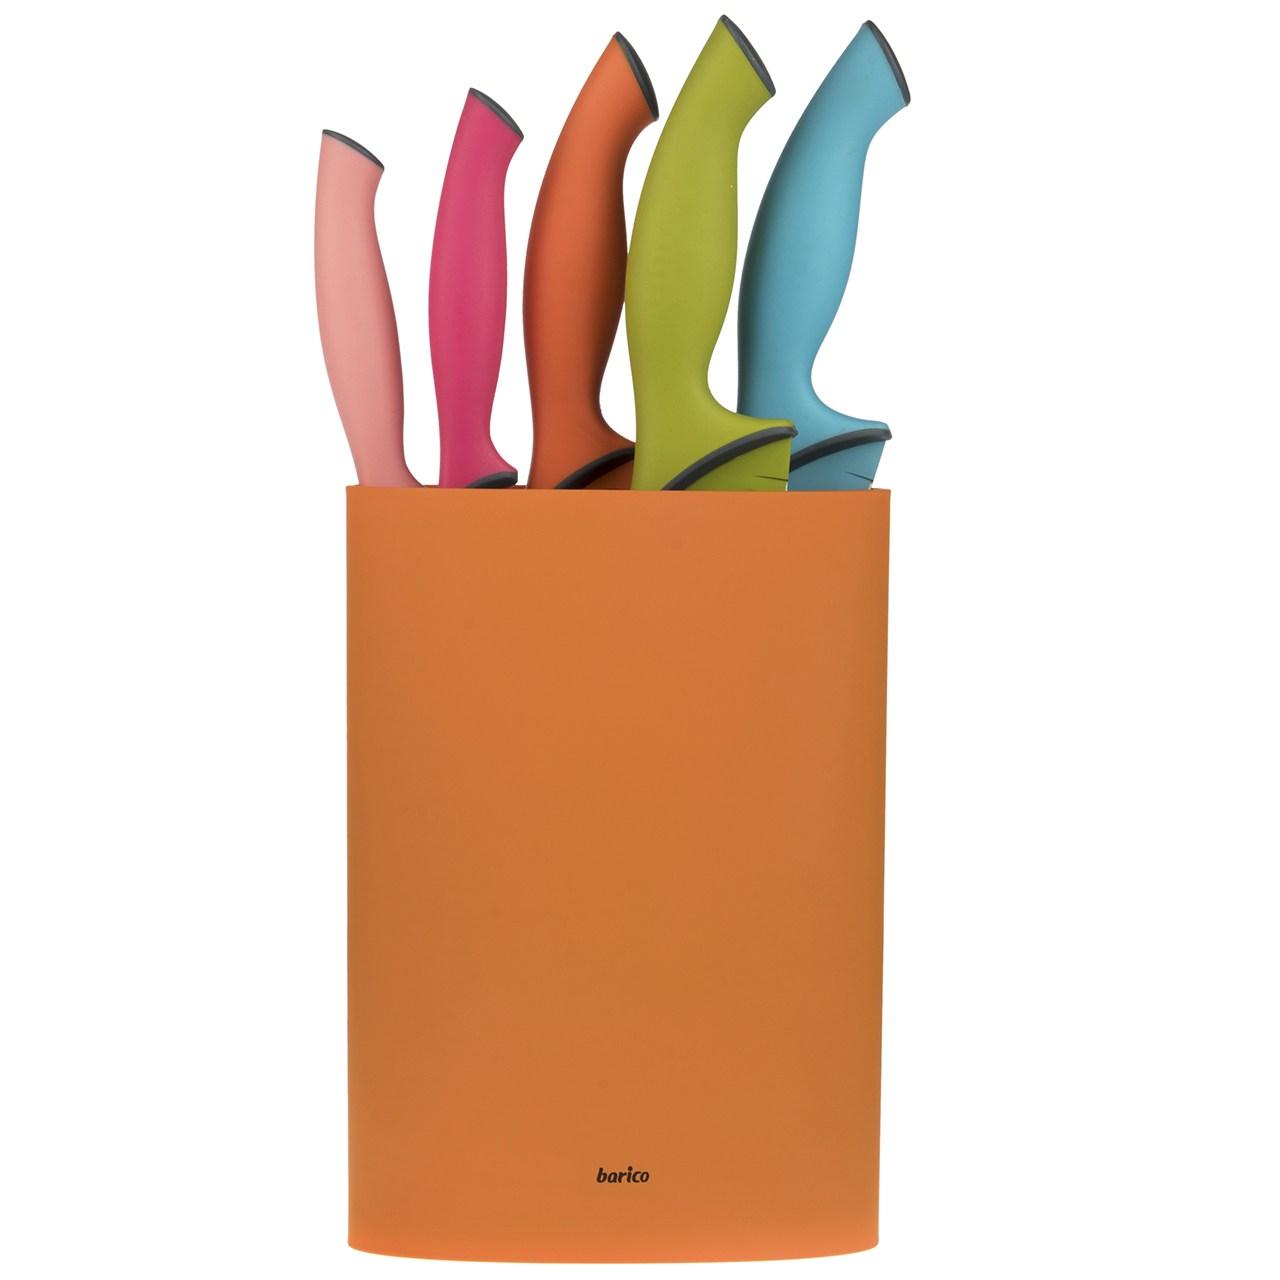 ست چاقوی 6 پارچه باریکو مدل Rainbow